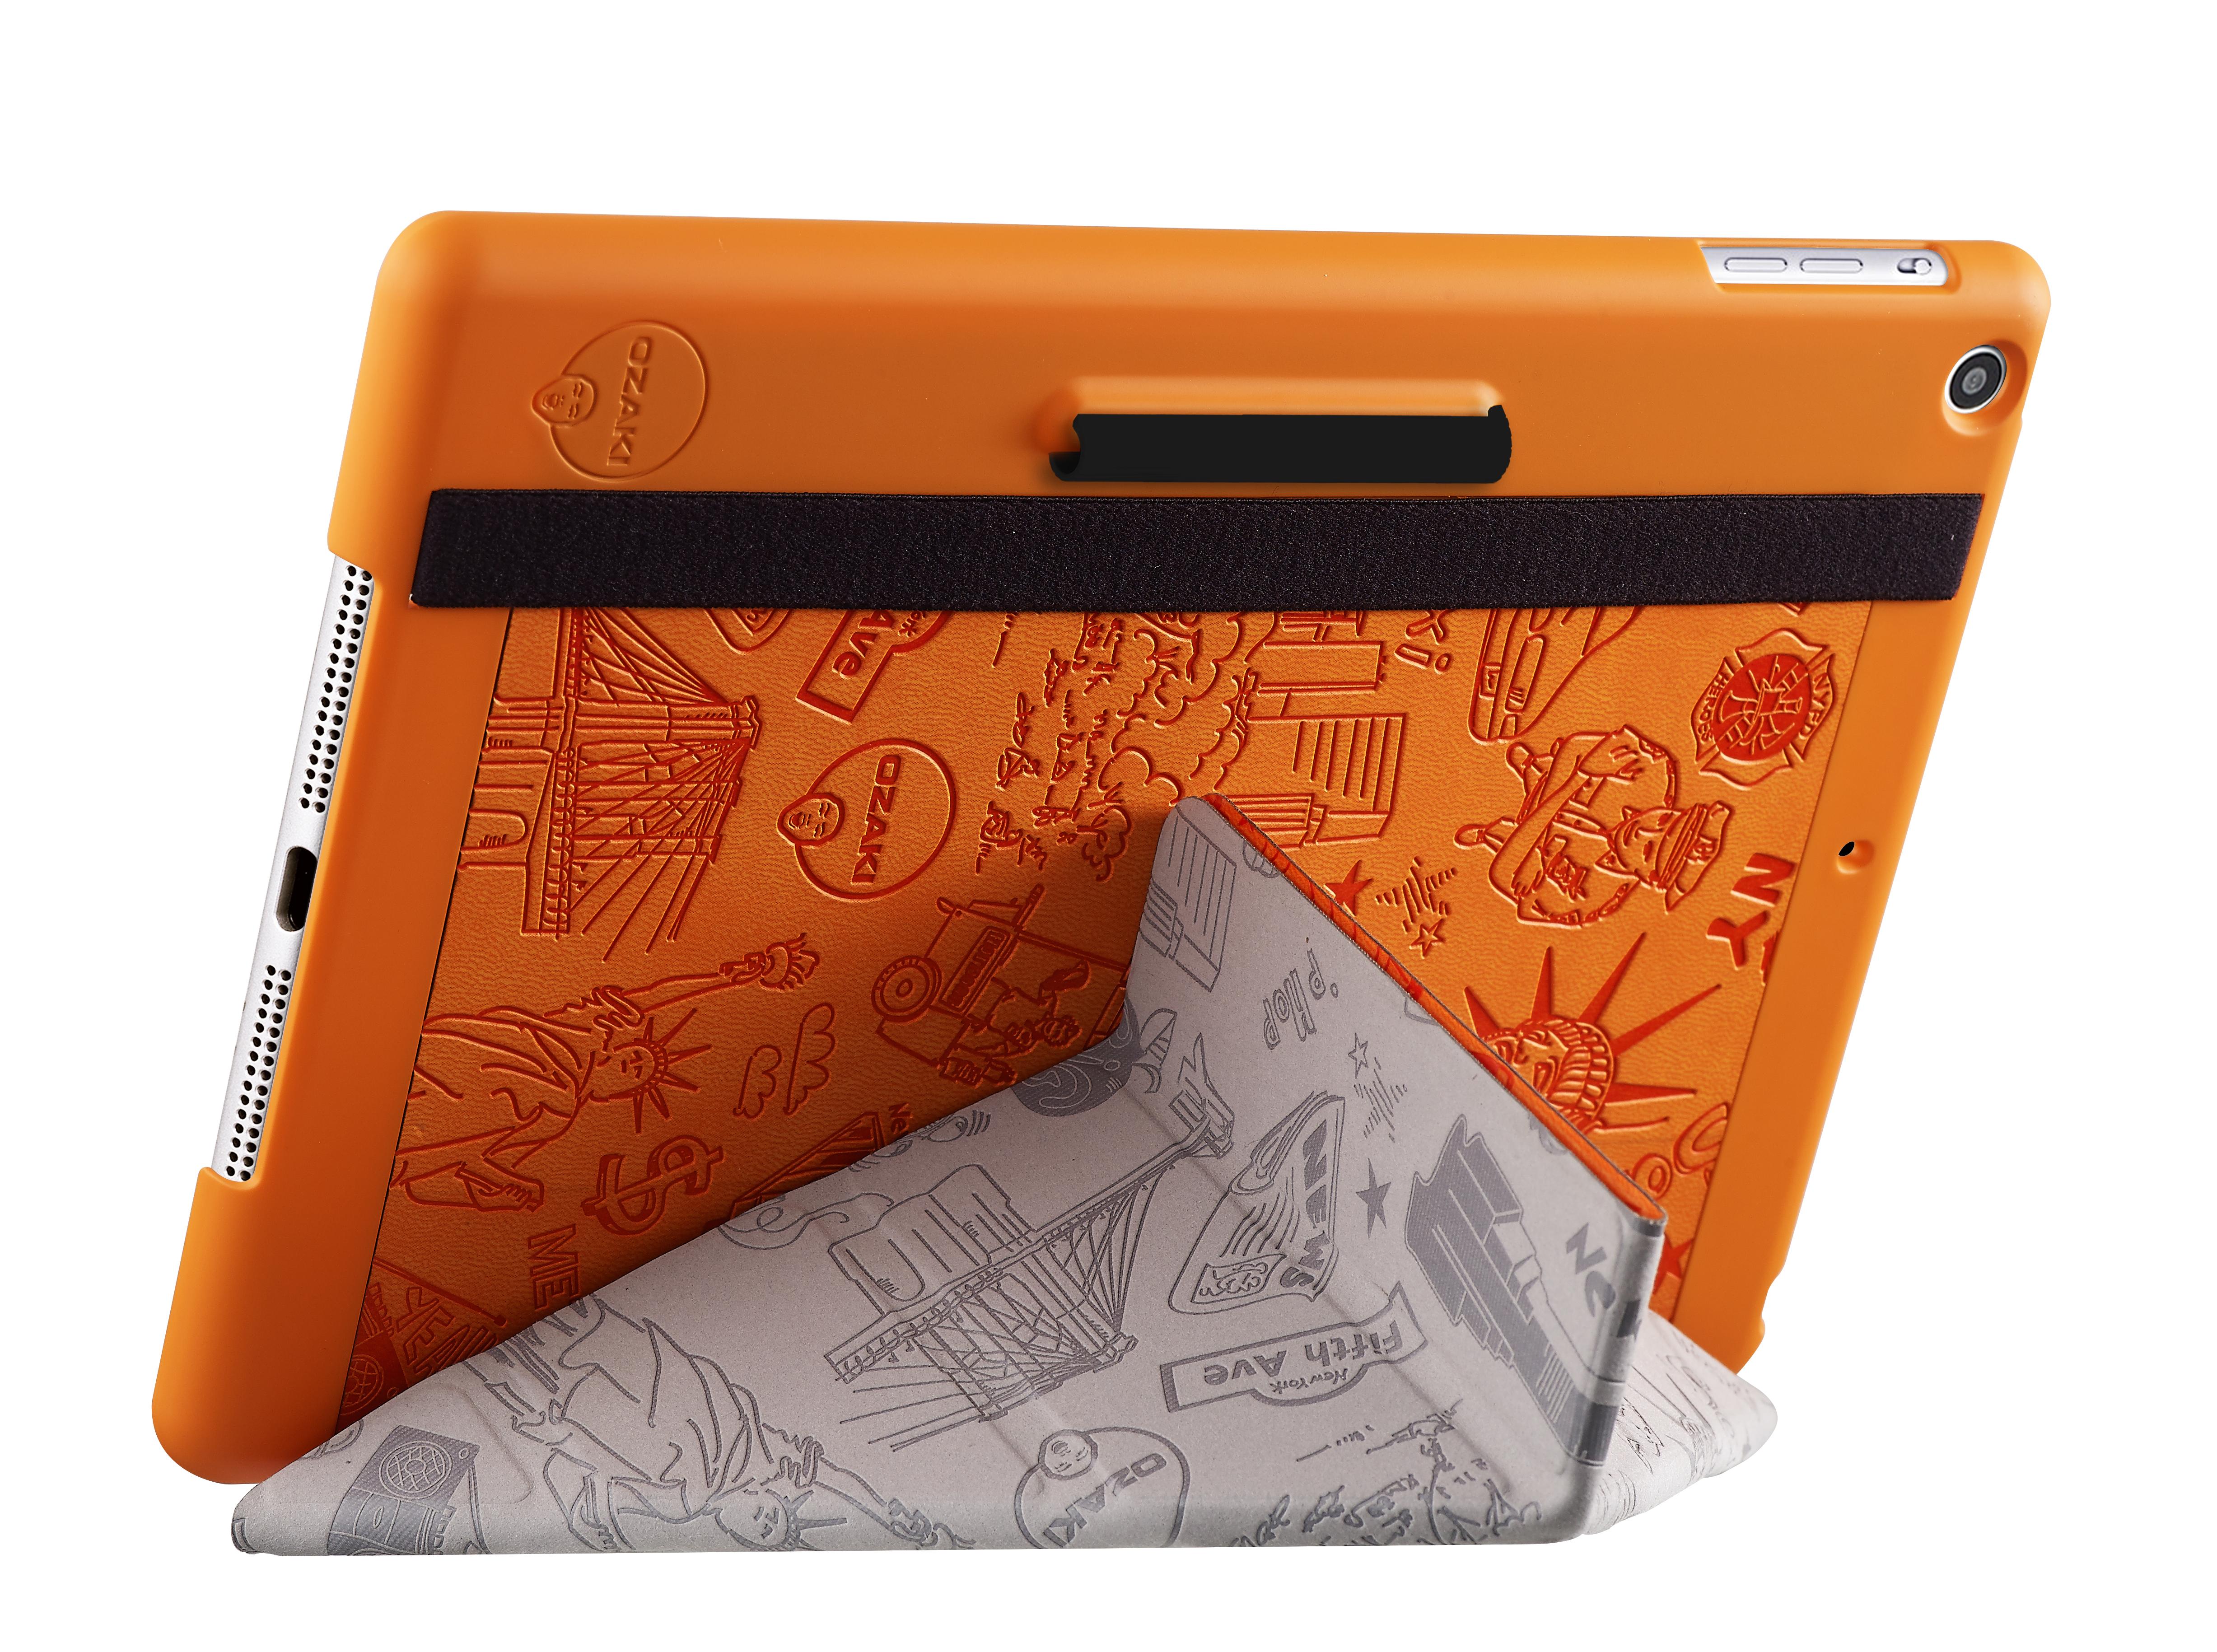 Чехол для iPad Air 2 – важный элемент стиля